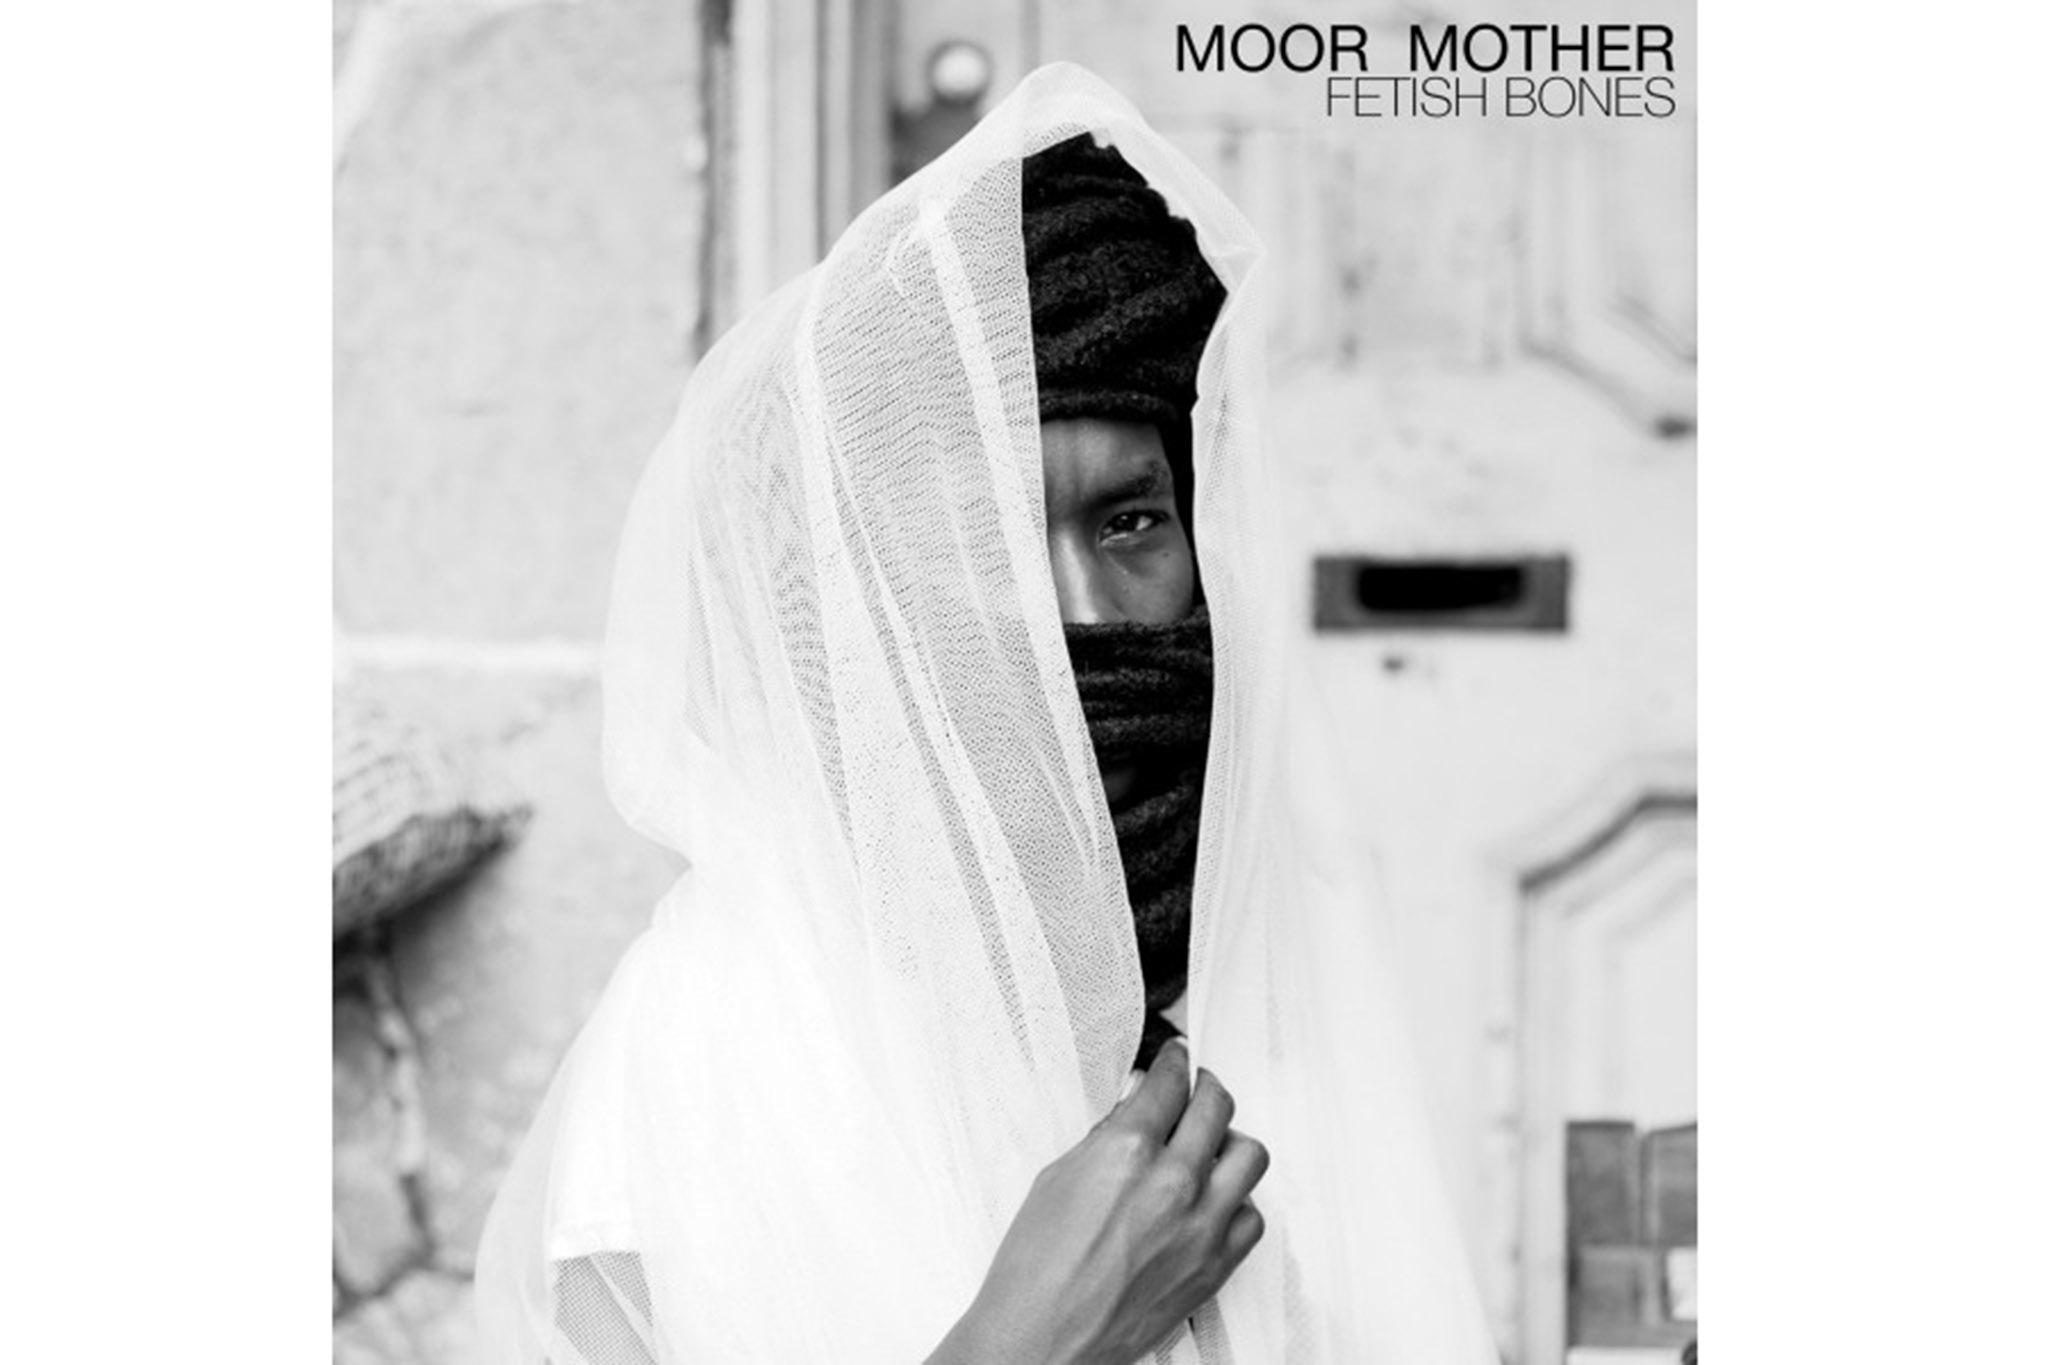 Moor Mother, Fetish Bones